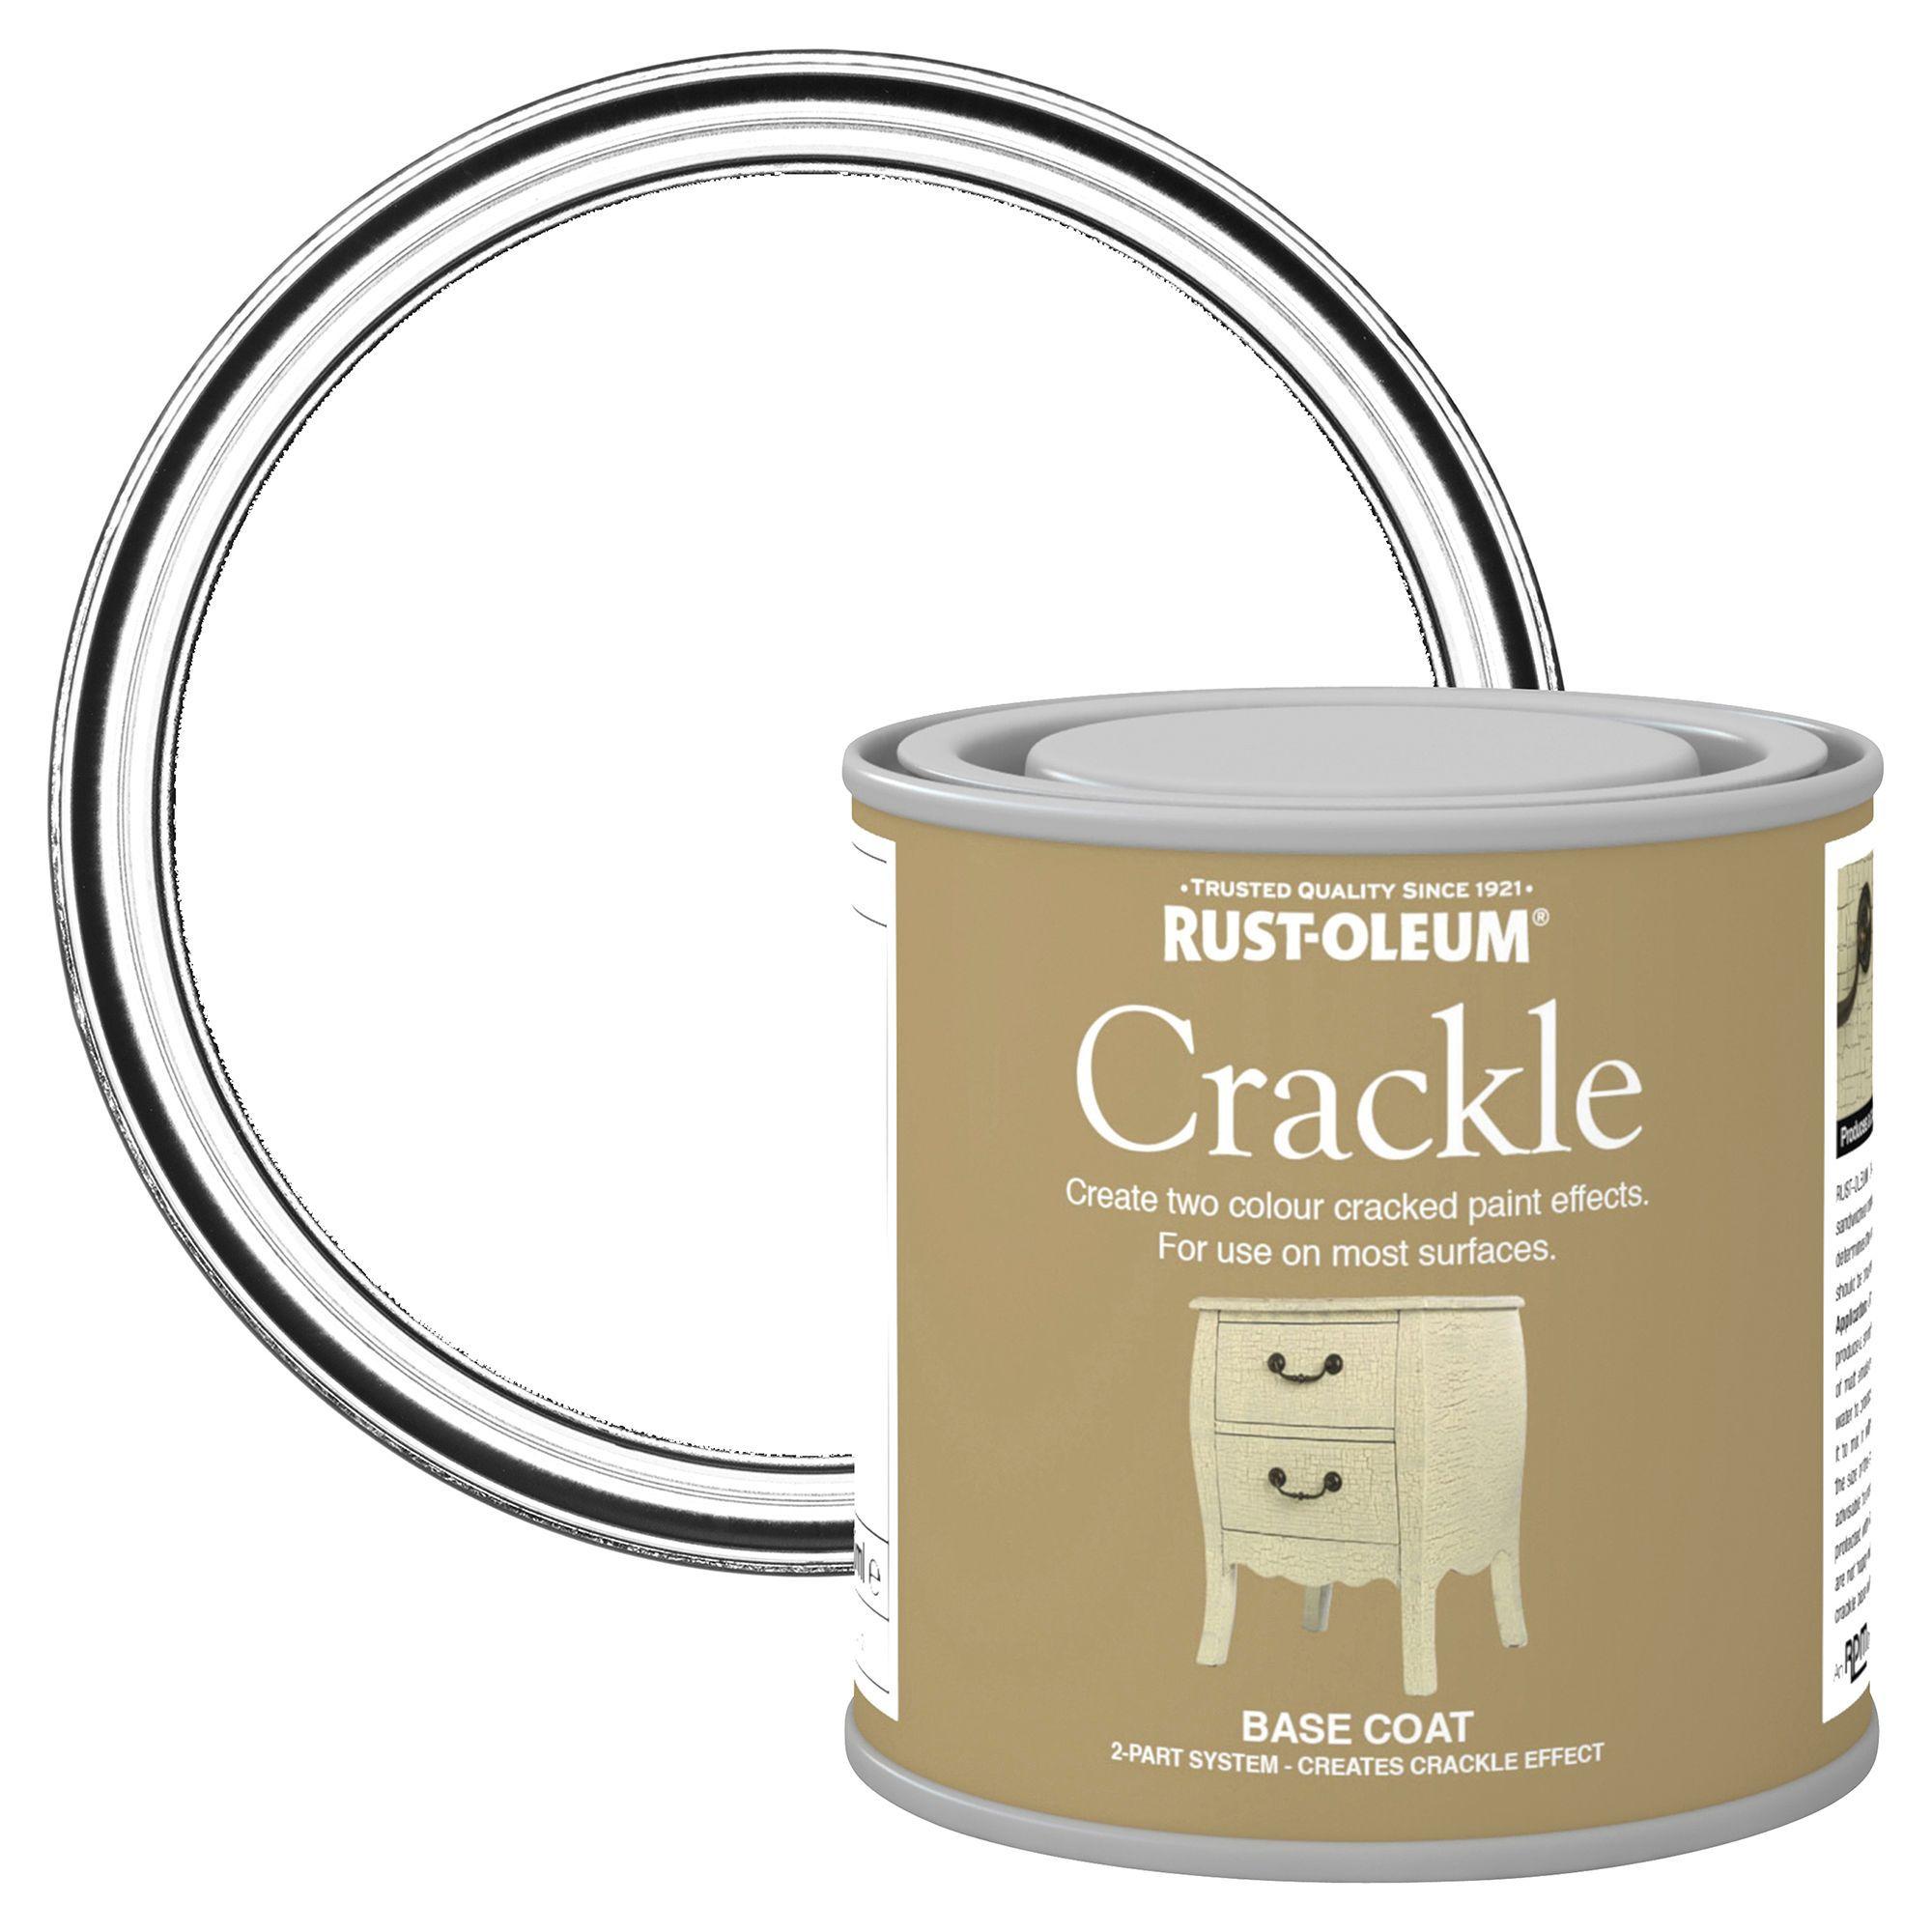 Rust-oleum Rust-oleum Clear Crackle Basecoat Paint 250 Ml